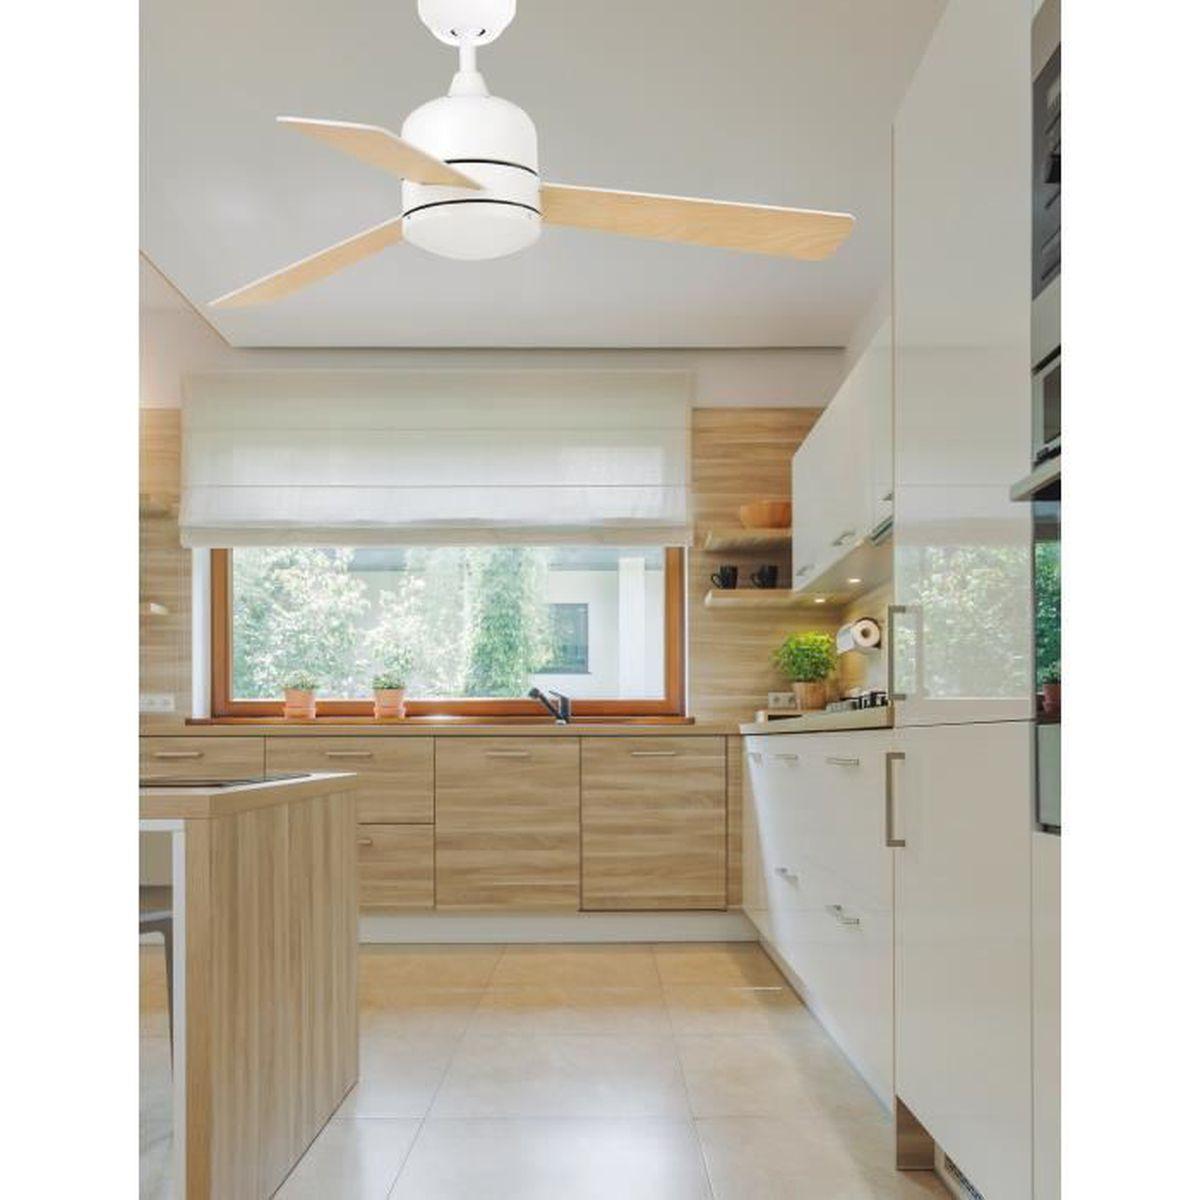 Farelek 112427 Samoa Ventilateur de plafond 4 pales r/éversible 107 cm